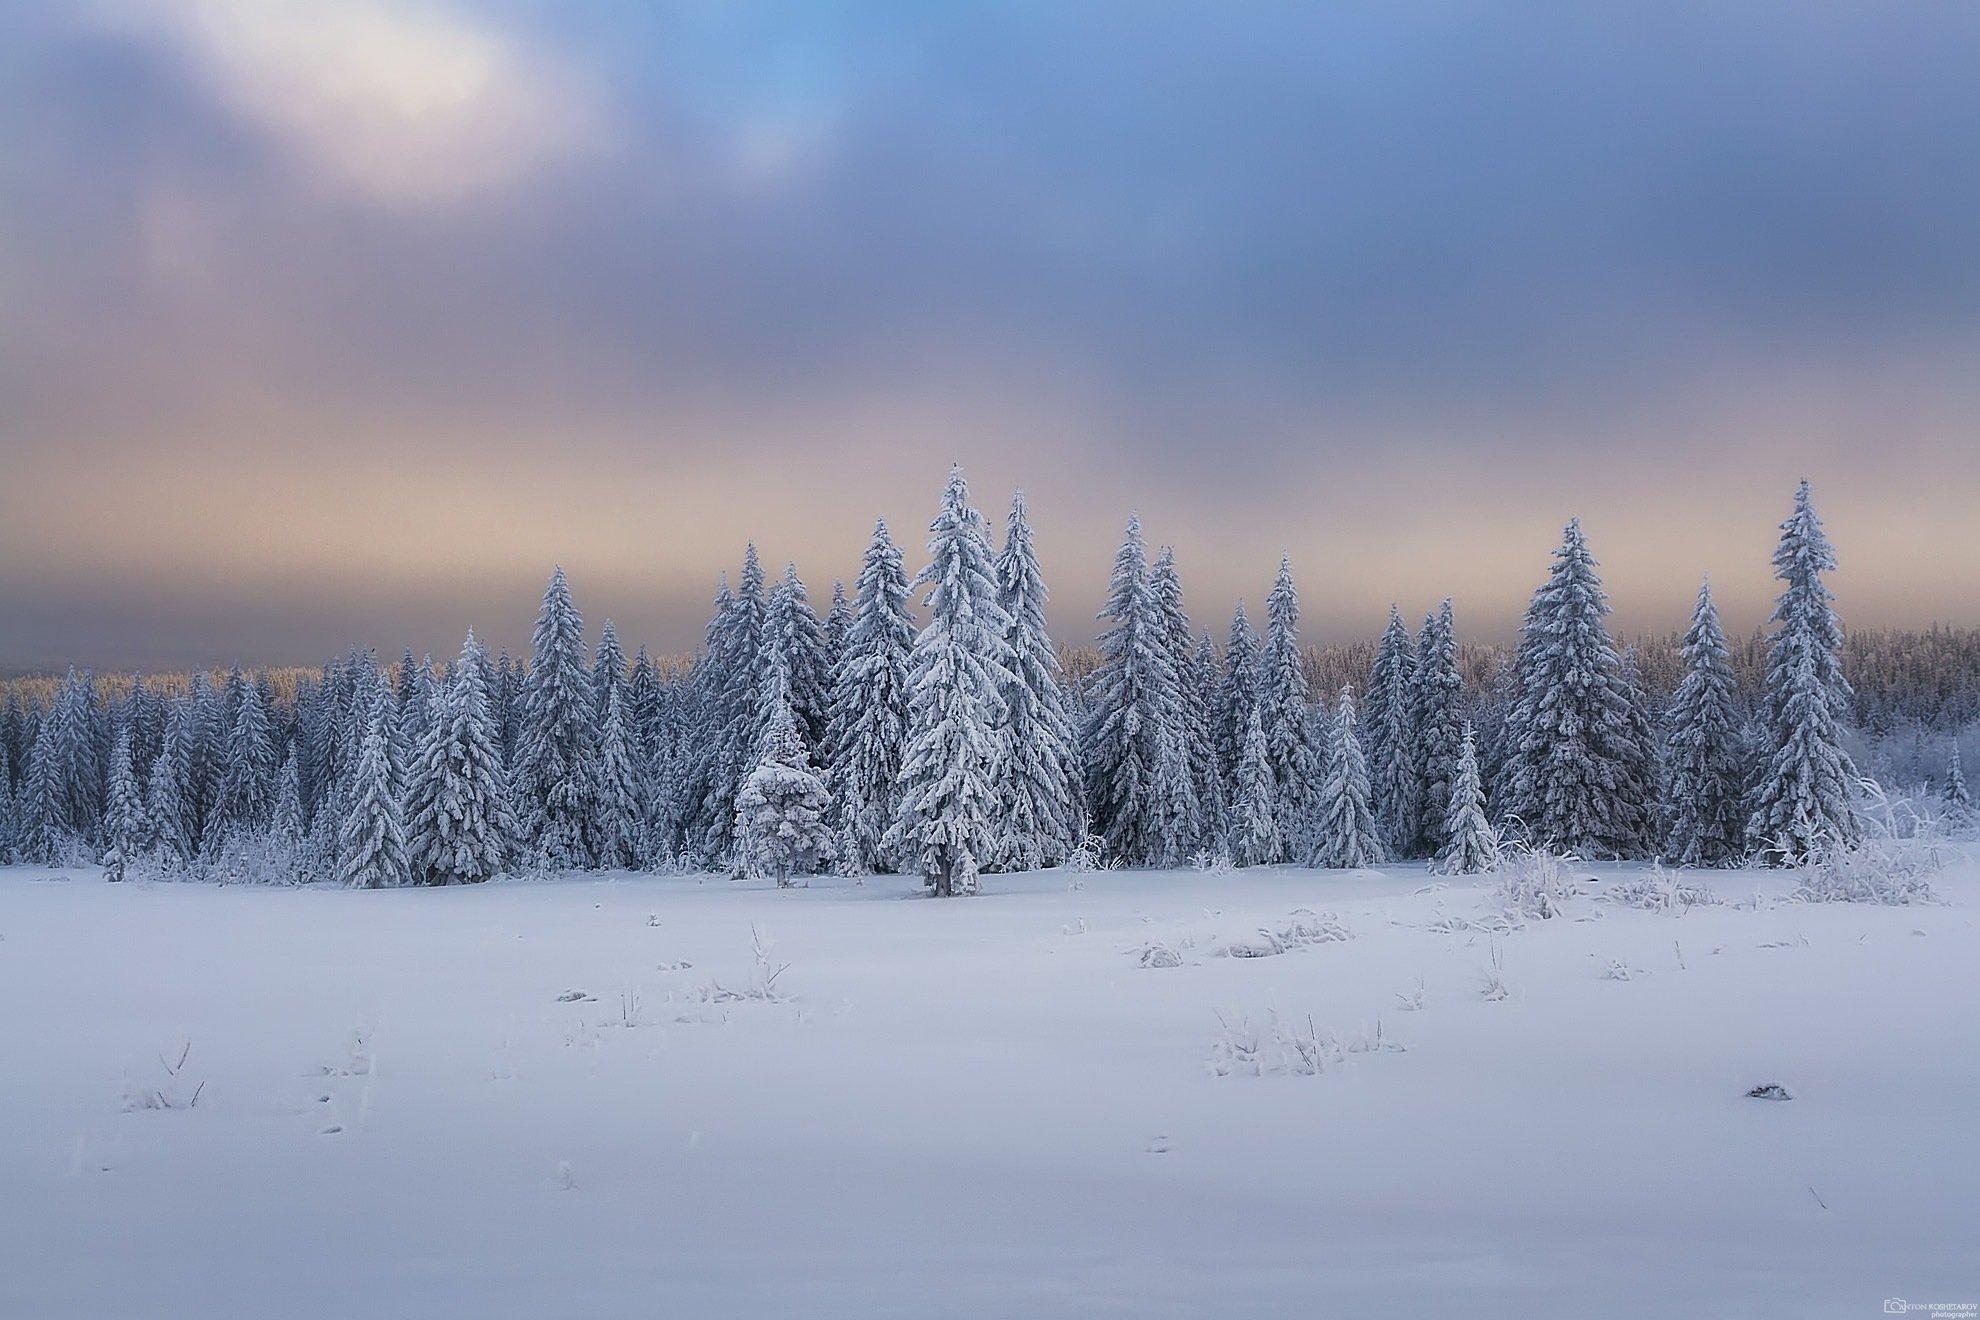 новый год,природа,зимний пейзаж,пермский край, зимняя сказка, Антон Кошетаров